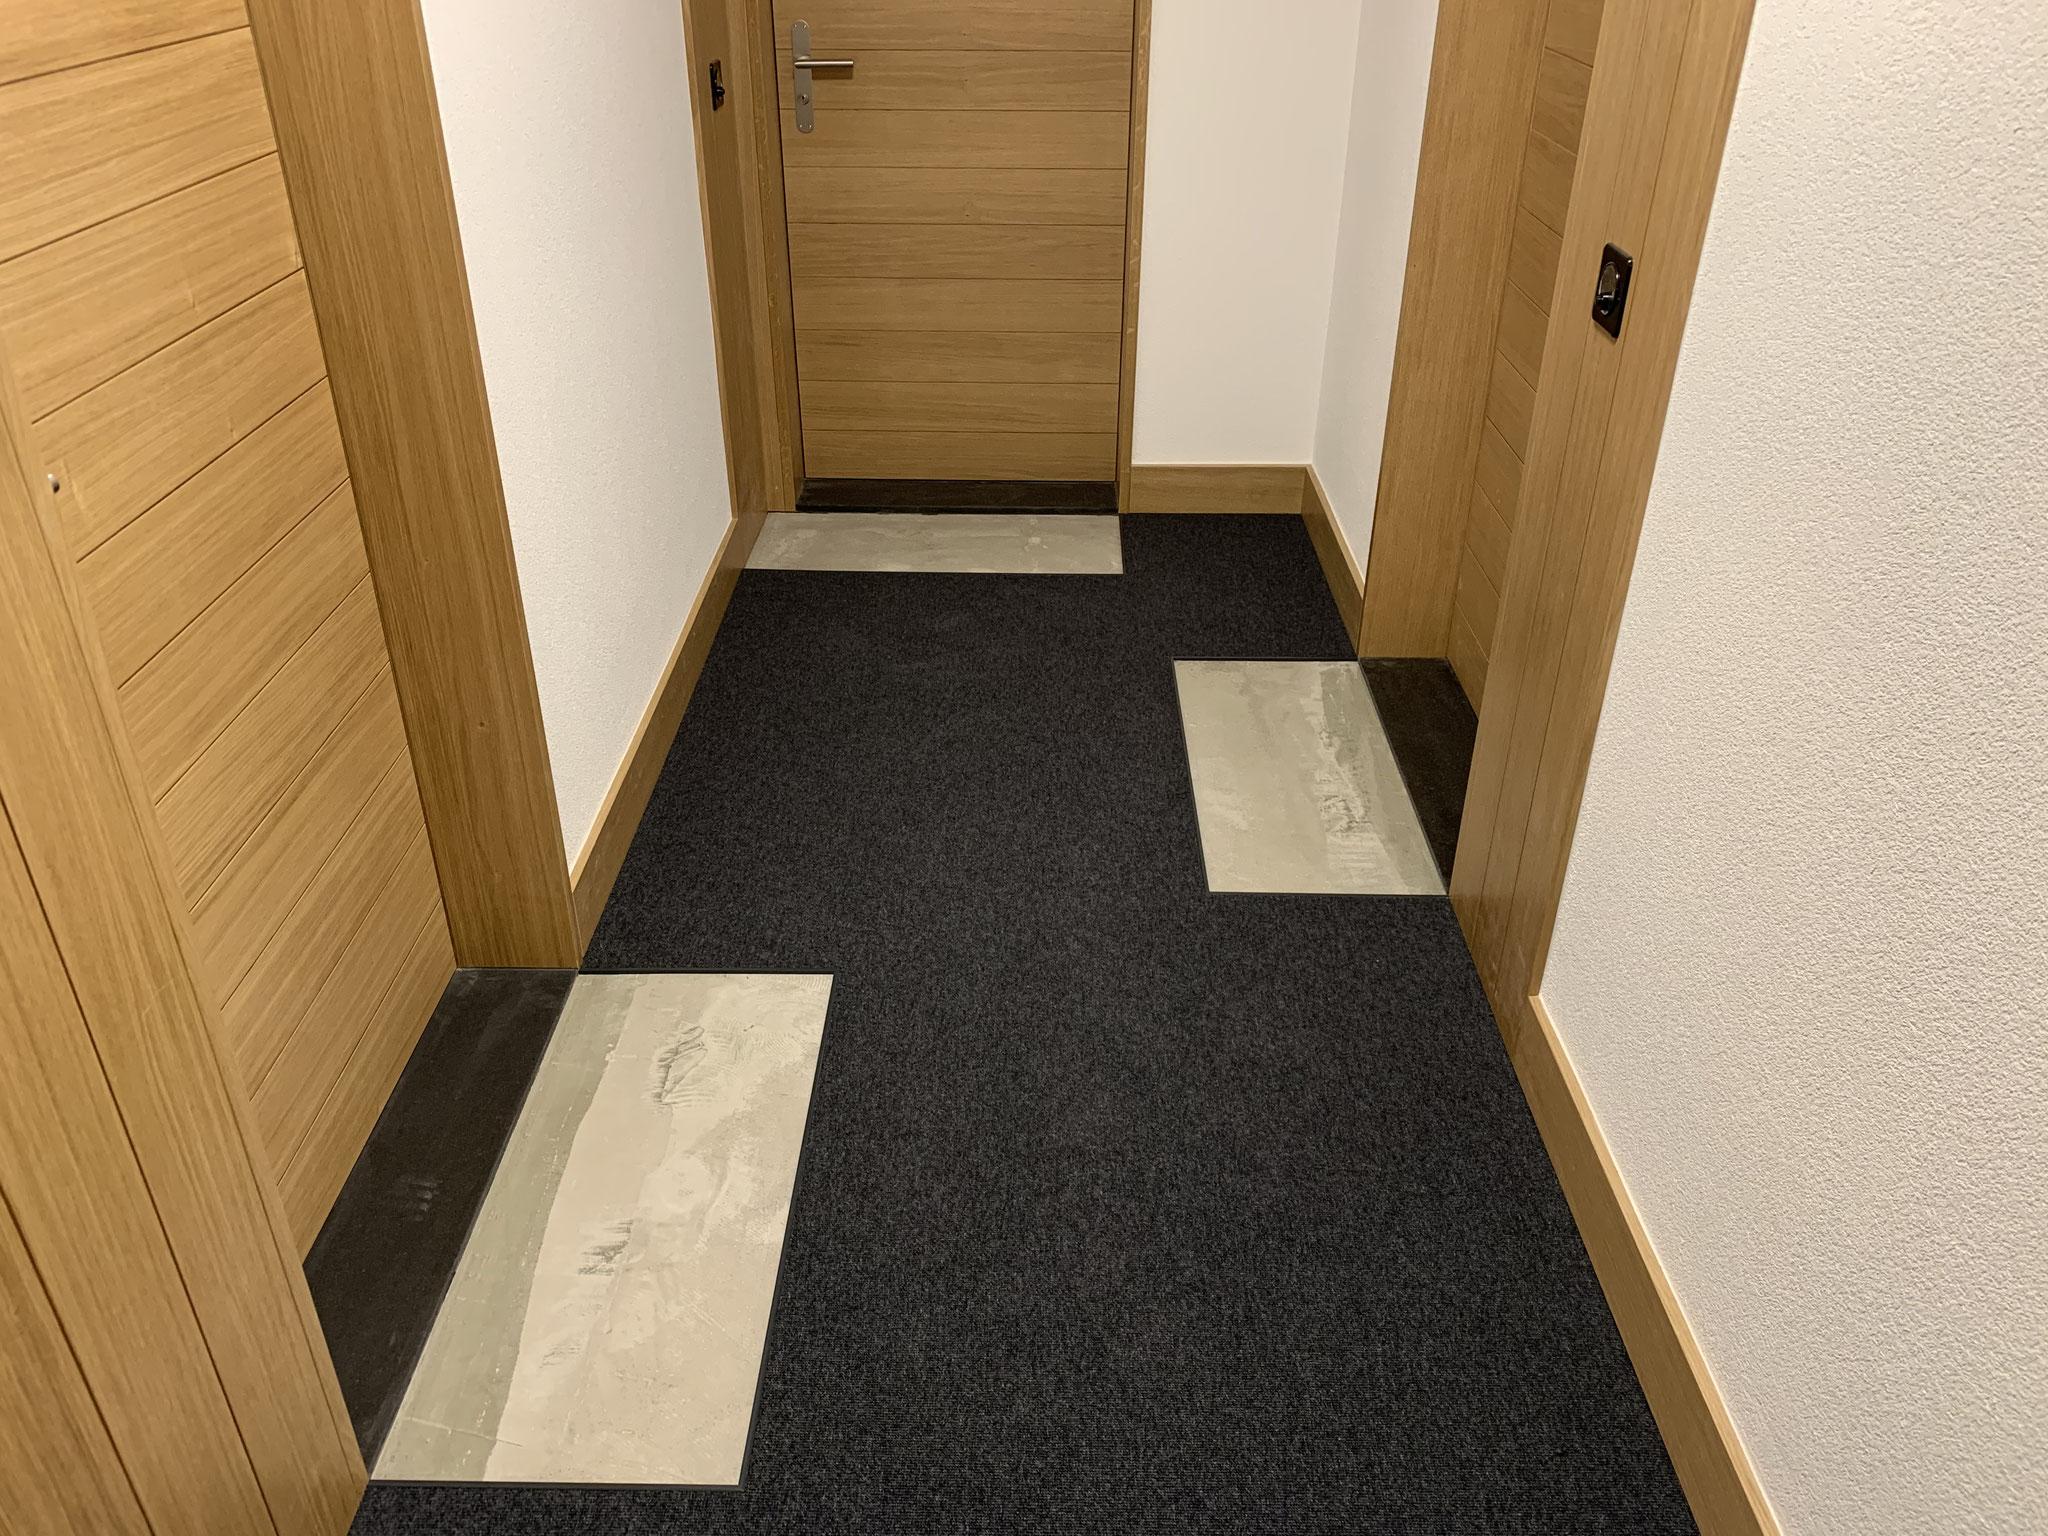 Teppichboden ohne Schmutzschleuse